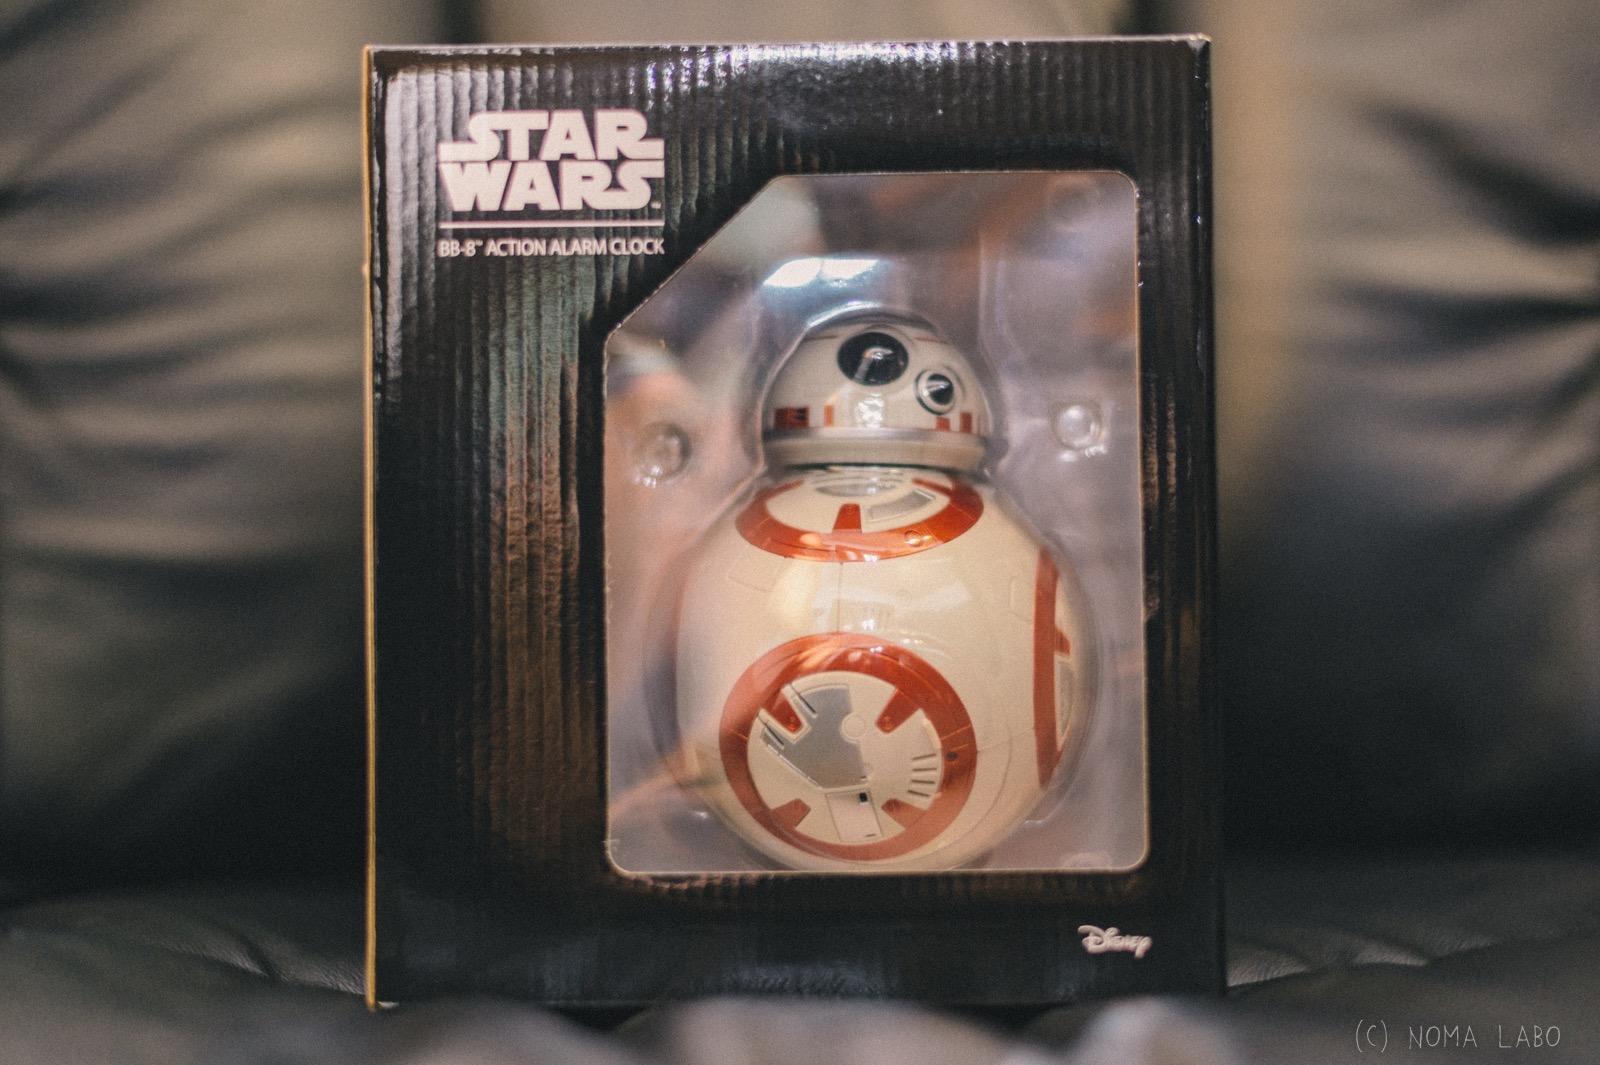 【 BB-8 アクションアラームクロック 】BB-8の目覚まし時計が最高だった。勿論、しゃべりますよ。